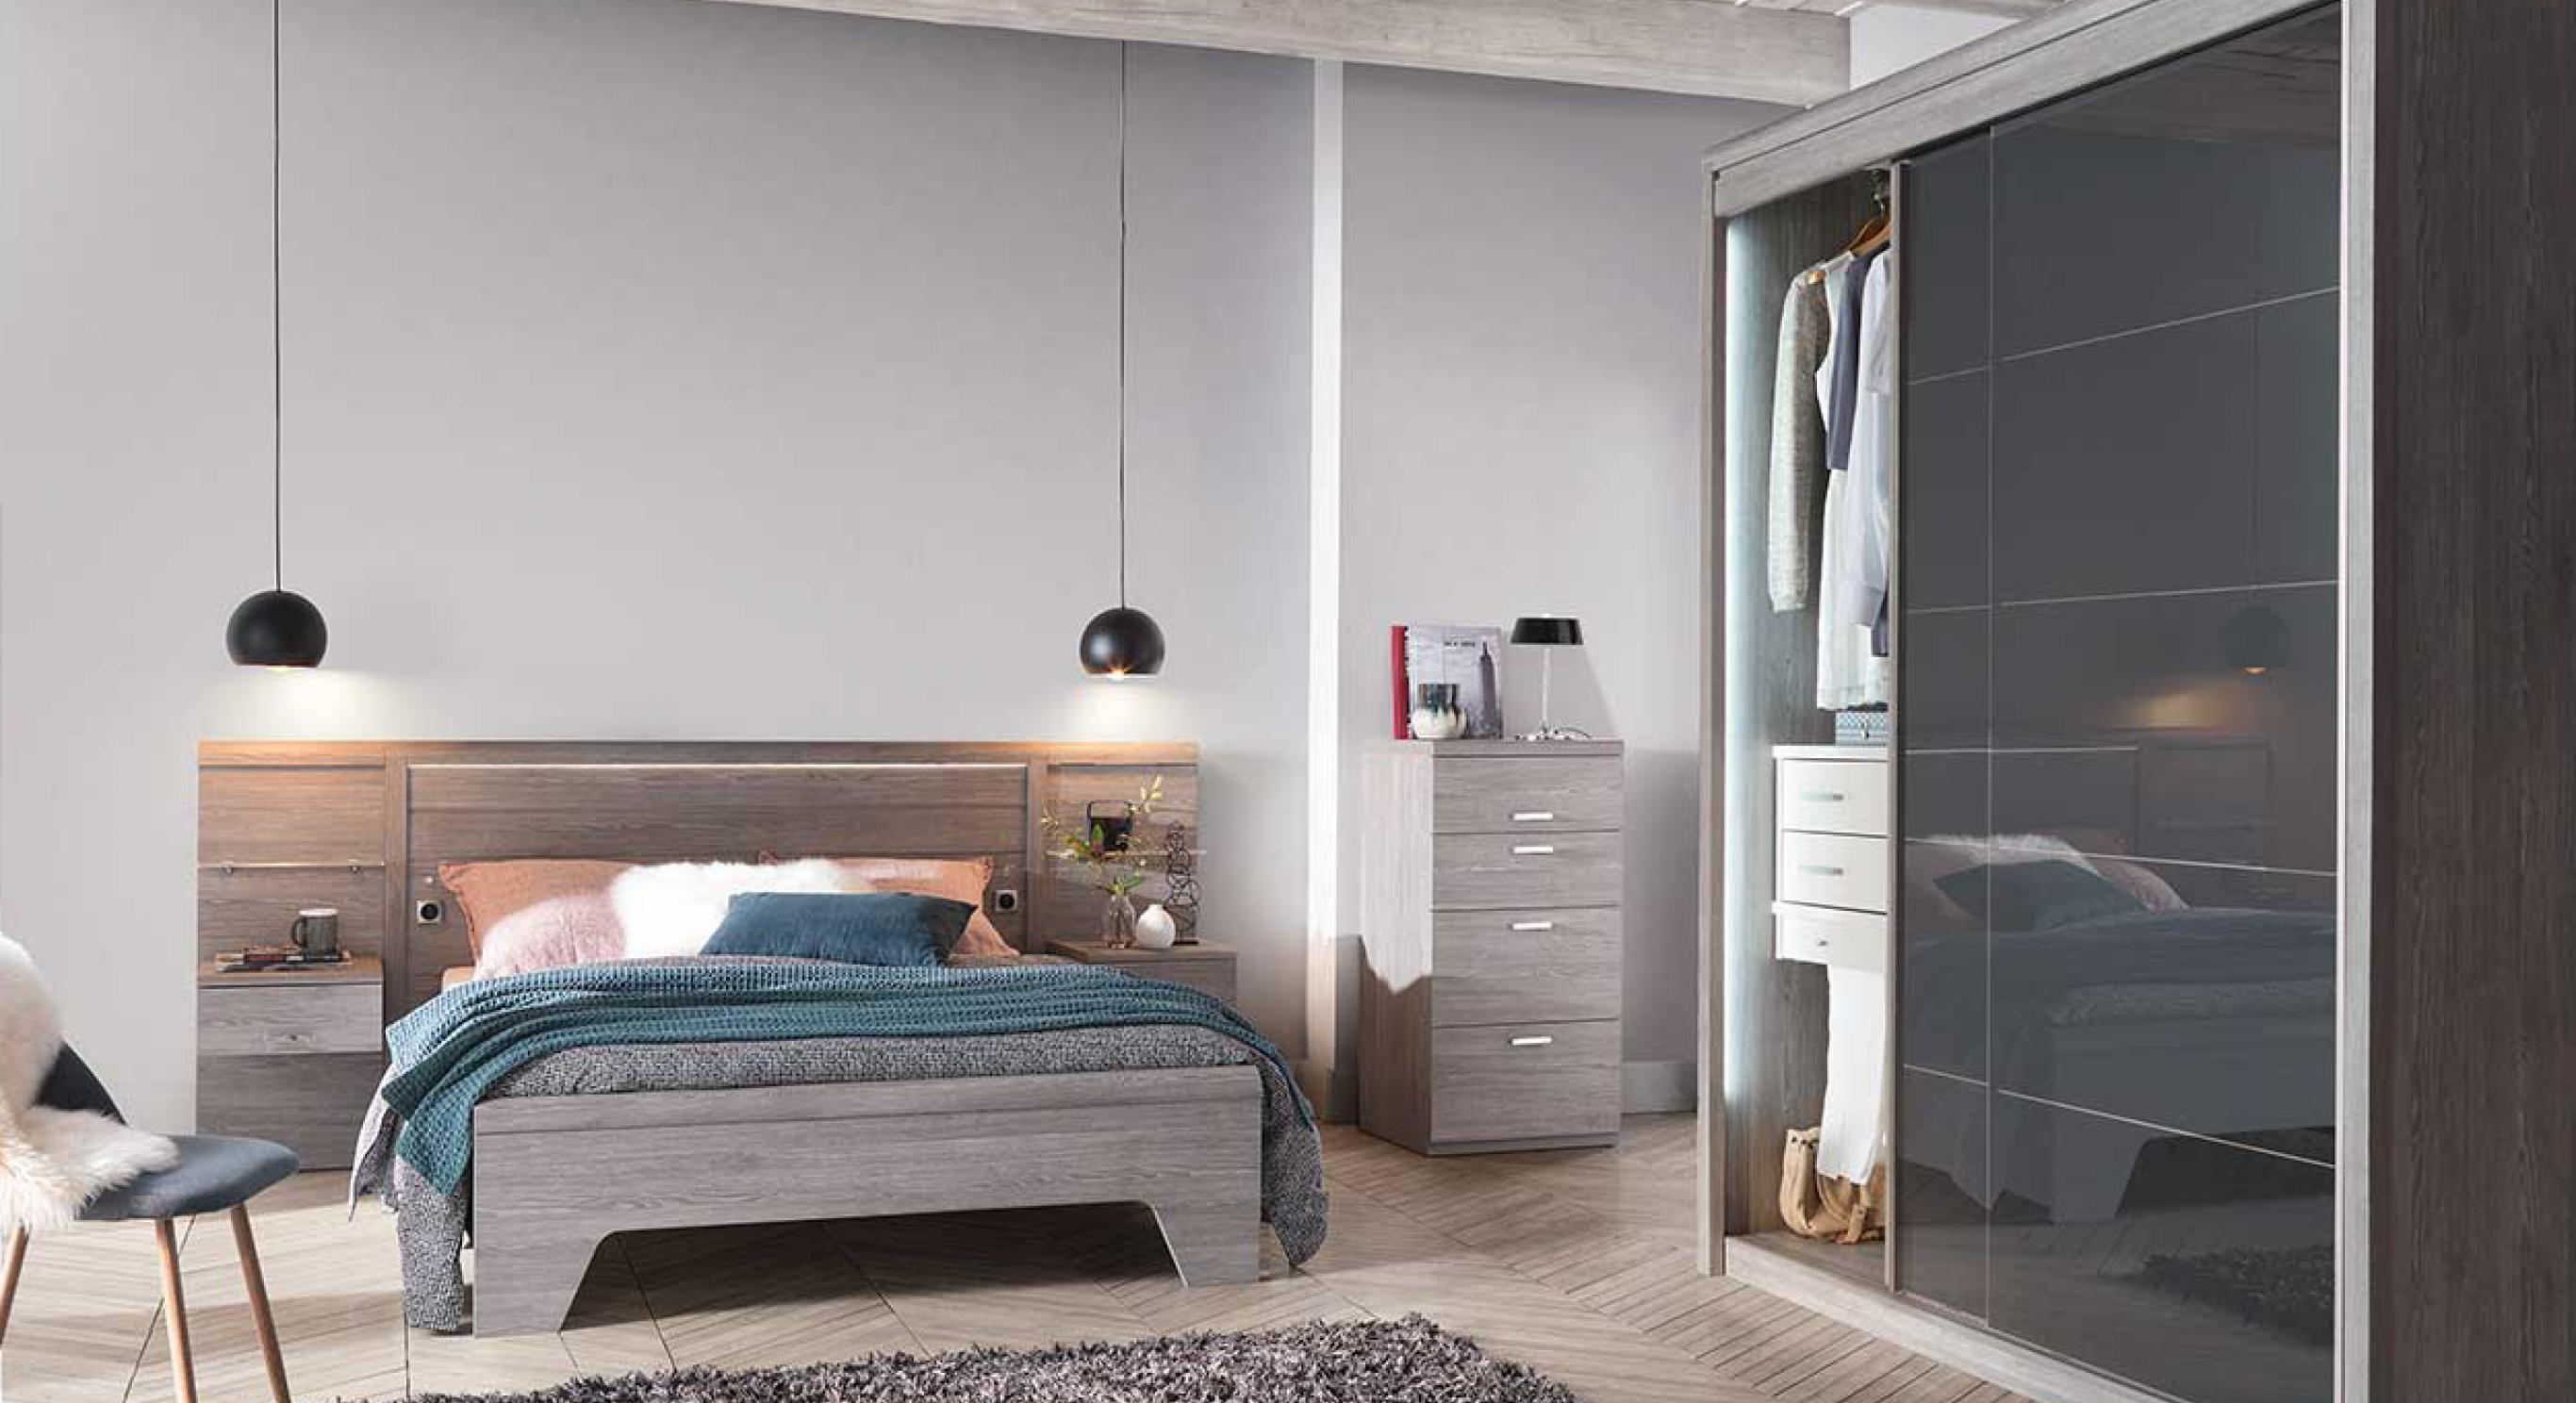 Armoire Pour Petite Chambre Adulte la suite parentale, parce que vous le valez bien   meubles celio